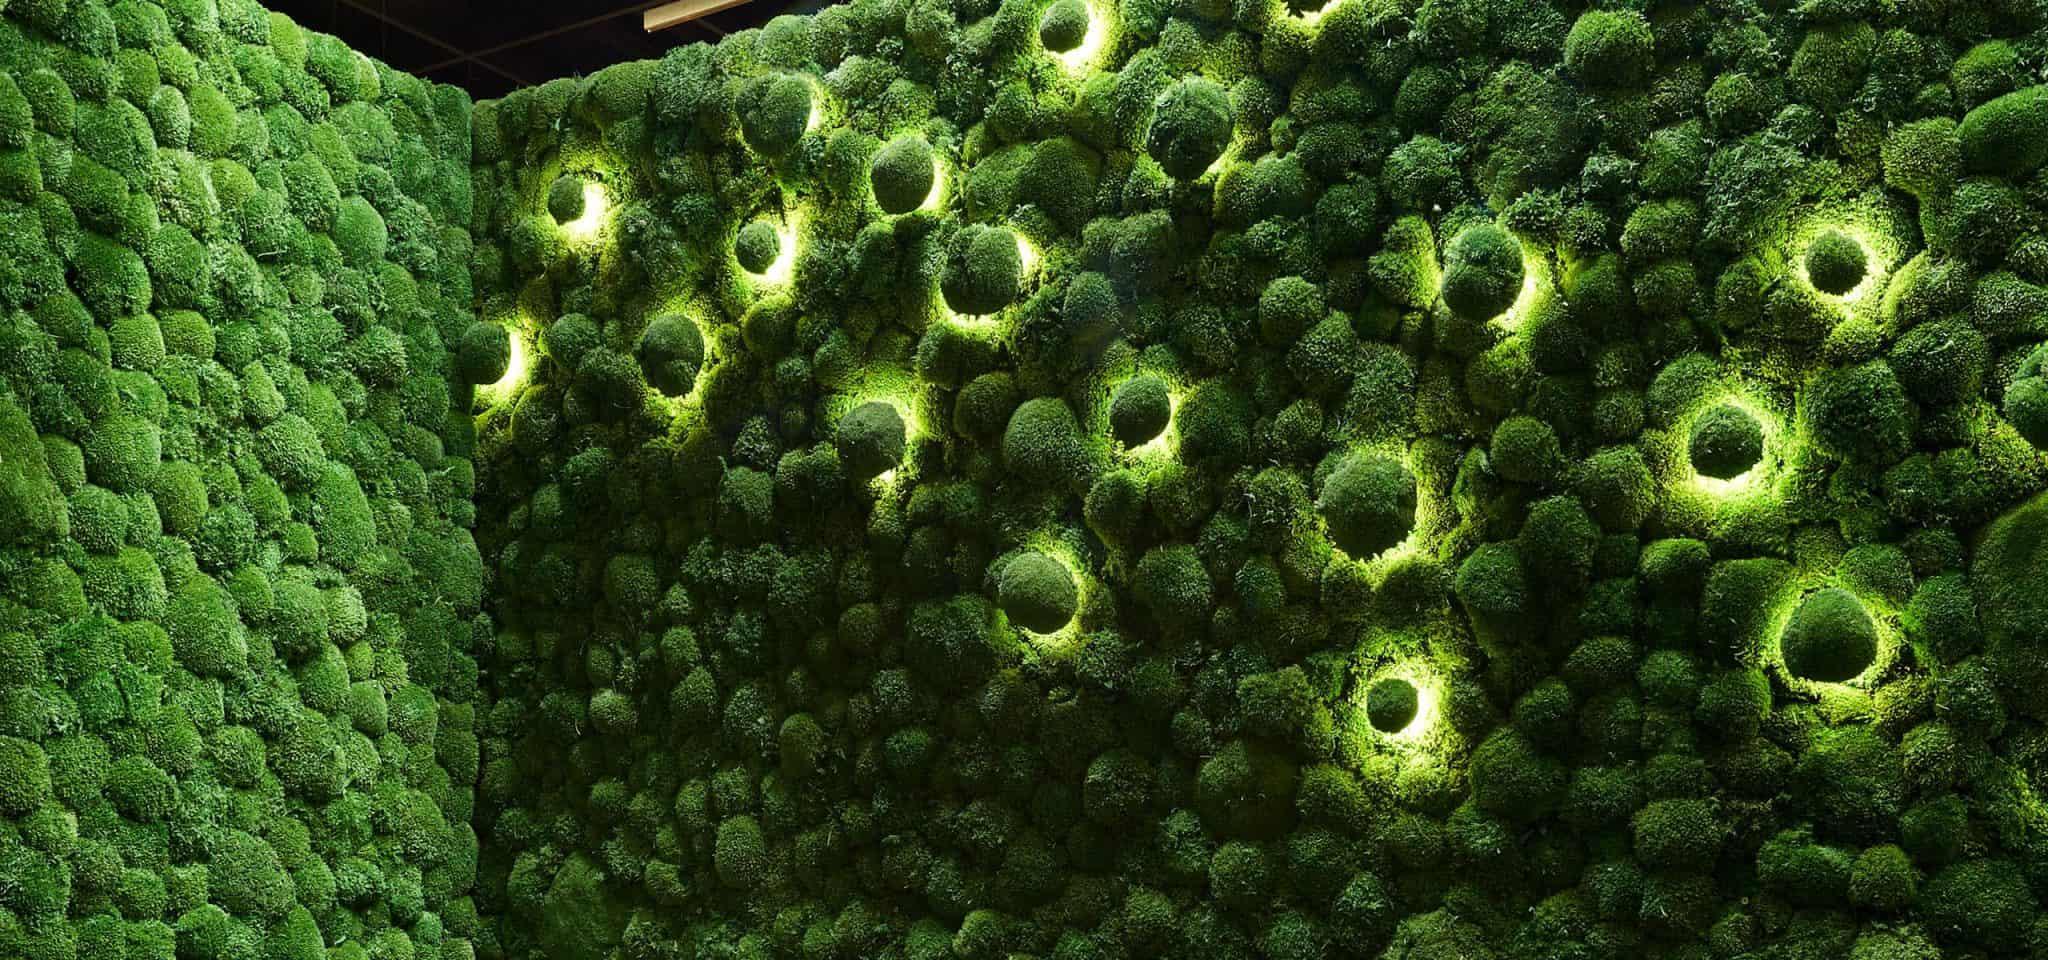 freund moss lighting 1